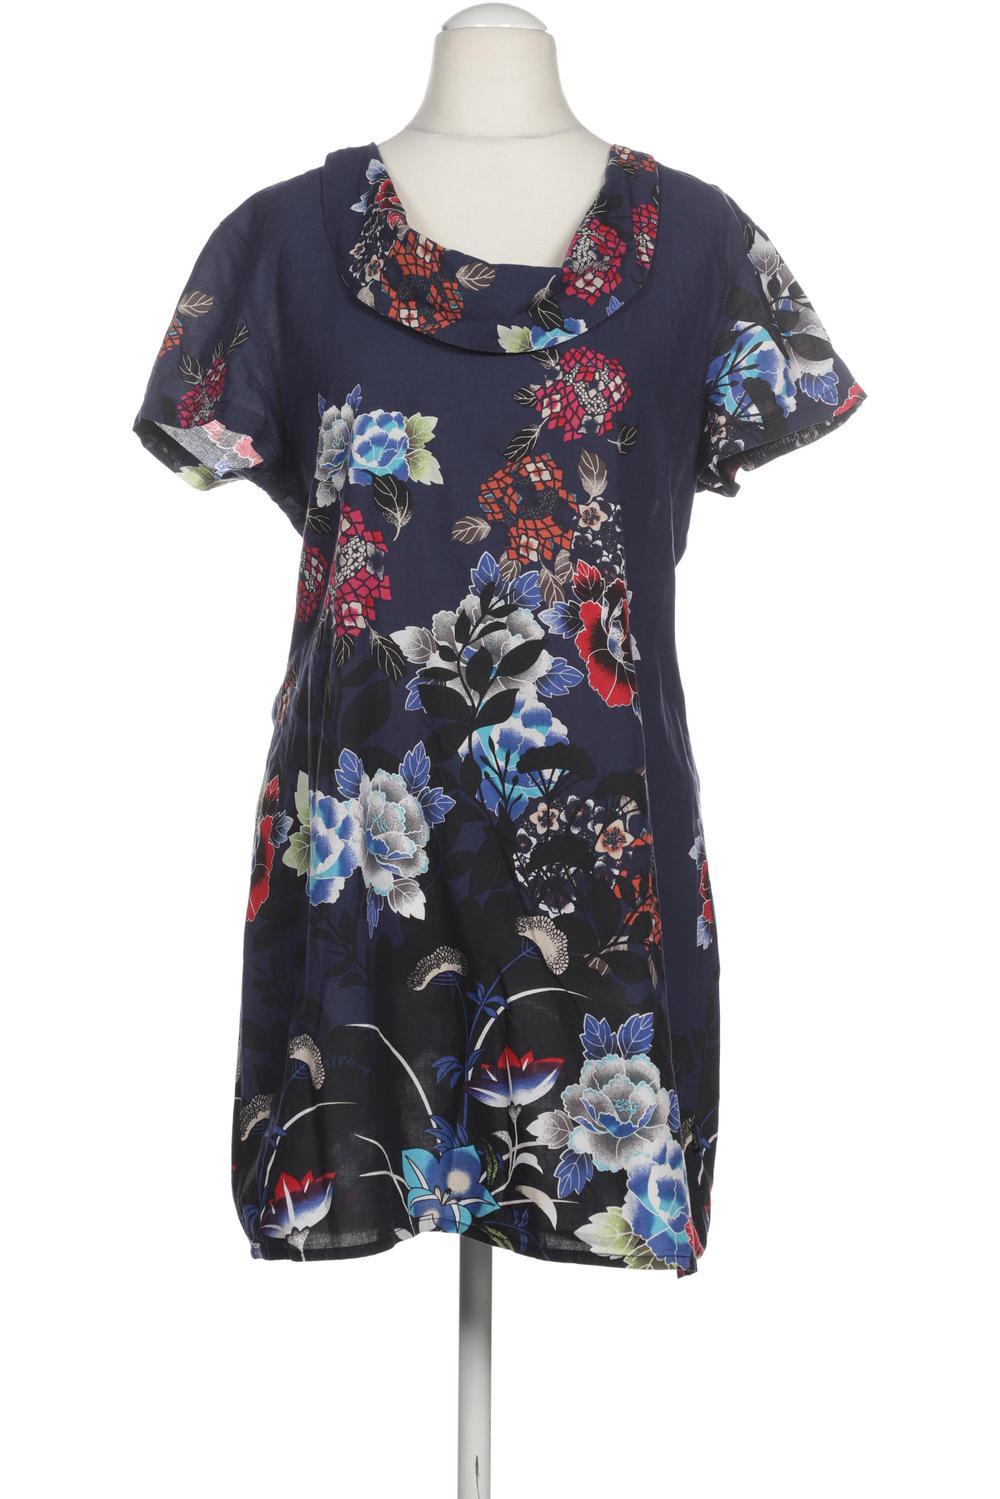 CECIL Damen Kleid INT L Second Hand kaufen | ubup